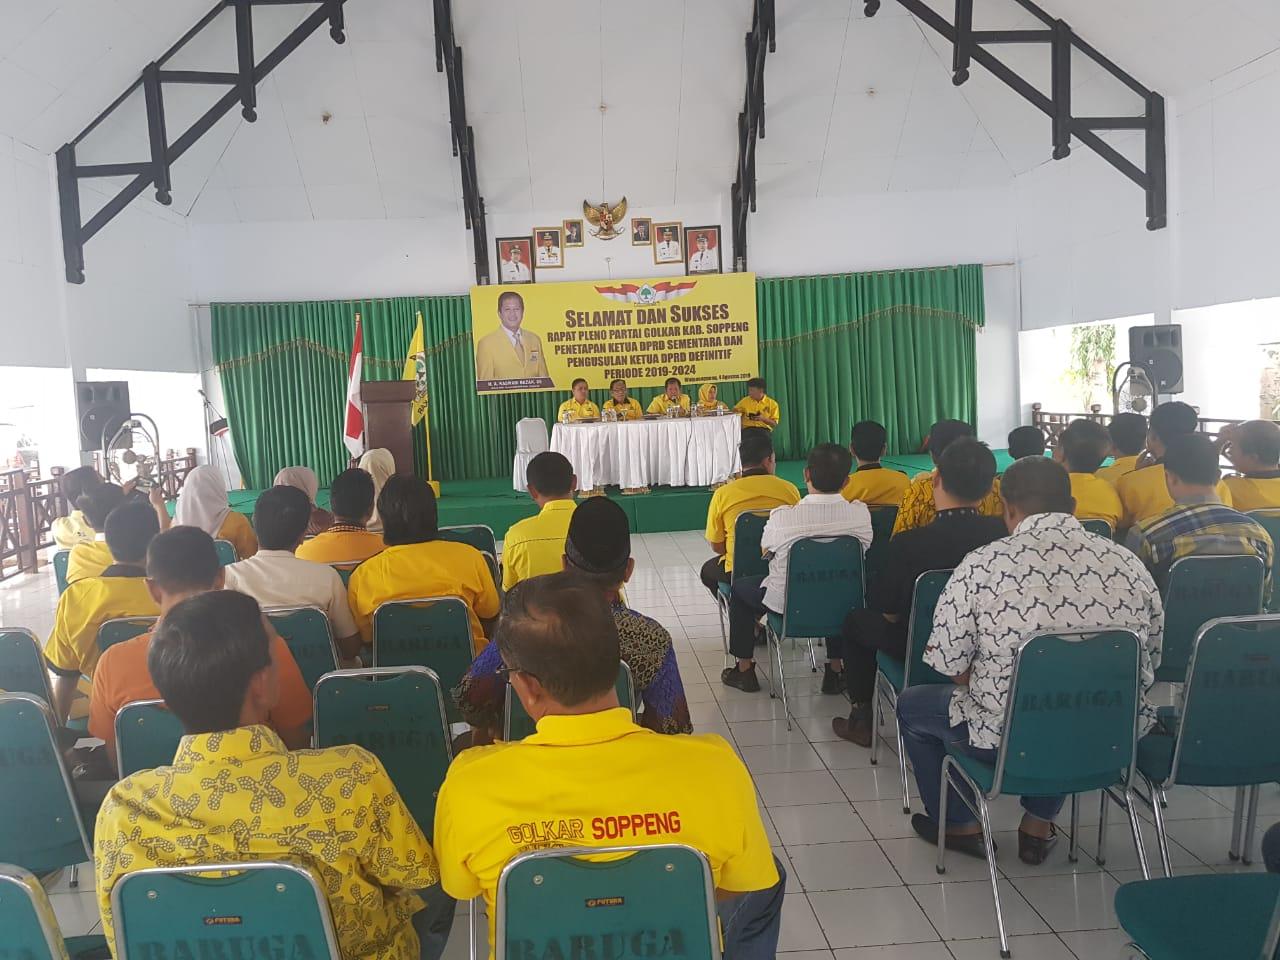 MRP : Golkar Soppeng Ajukan 3 Calon Ketua DPRD Ke Golkar Provinsi